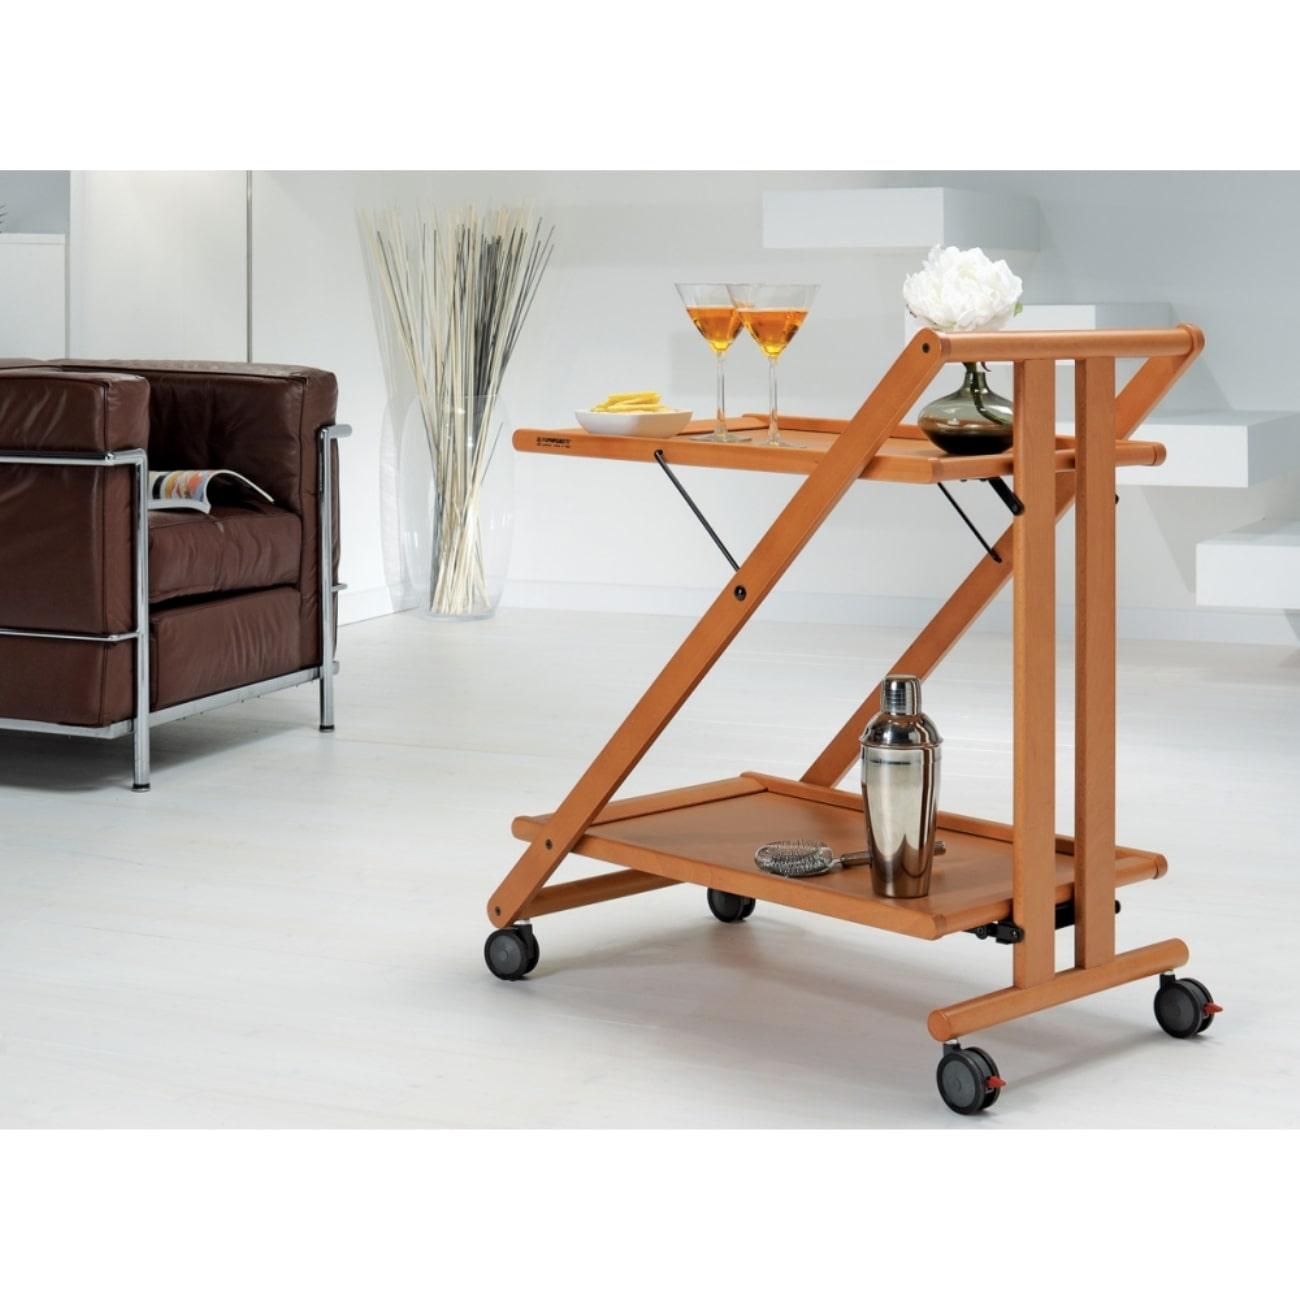 Итальянский Сервировочный столик Sprint Foppapedretti деревянный цвет Орех на колесиках, белый пол и стены, темное мягкое кресло, на столике 2 бокала, маленькая ваза с цветком, металлическая бутылка